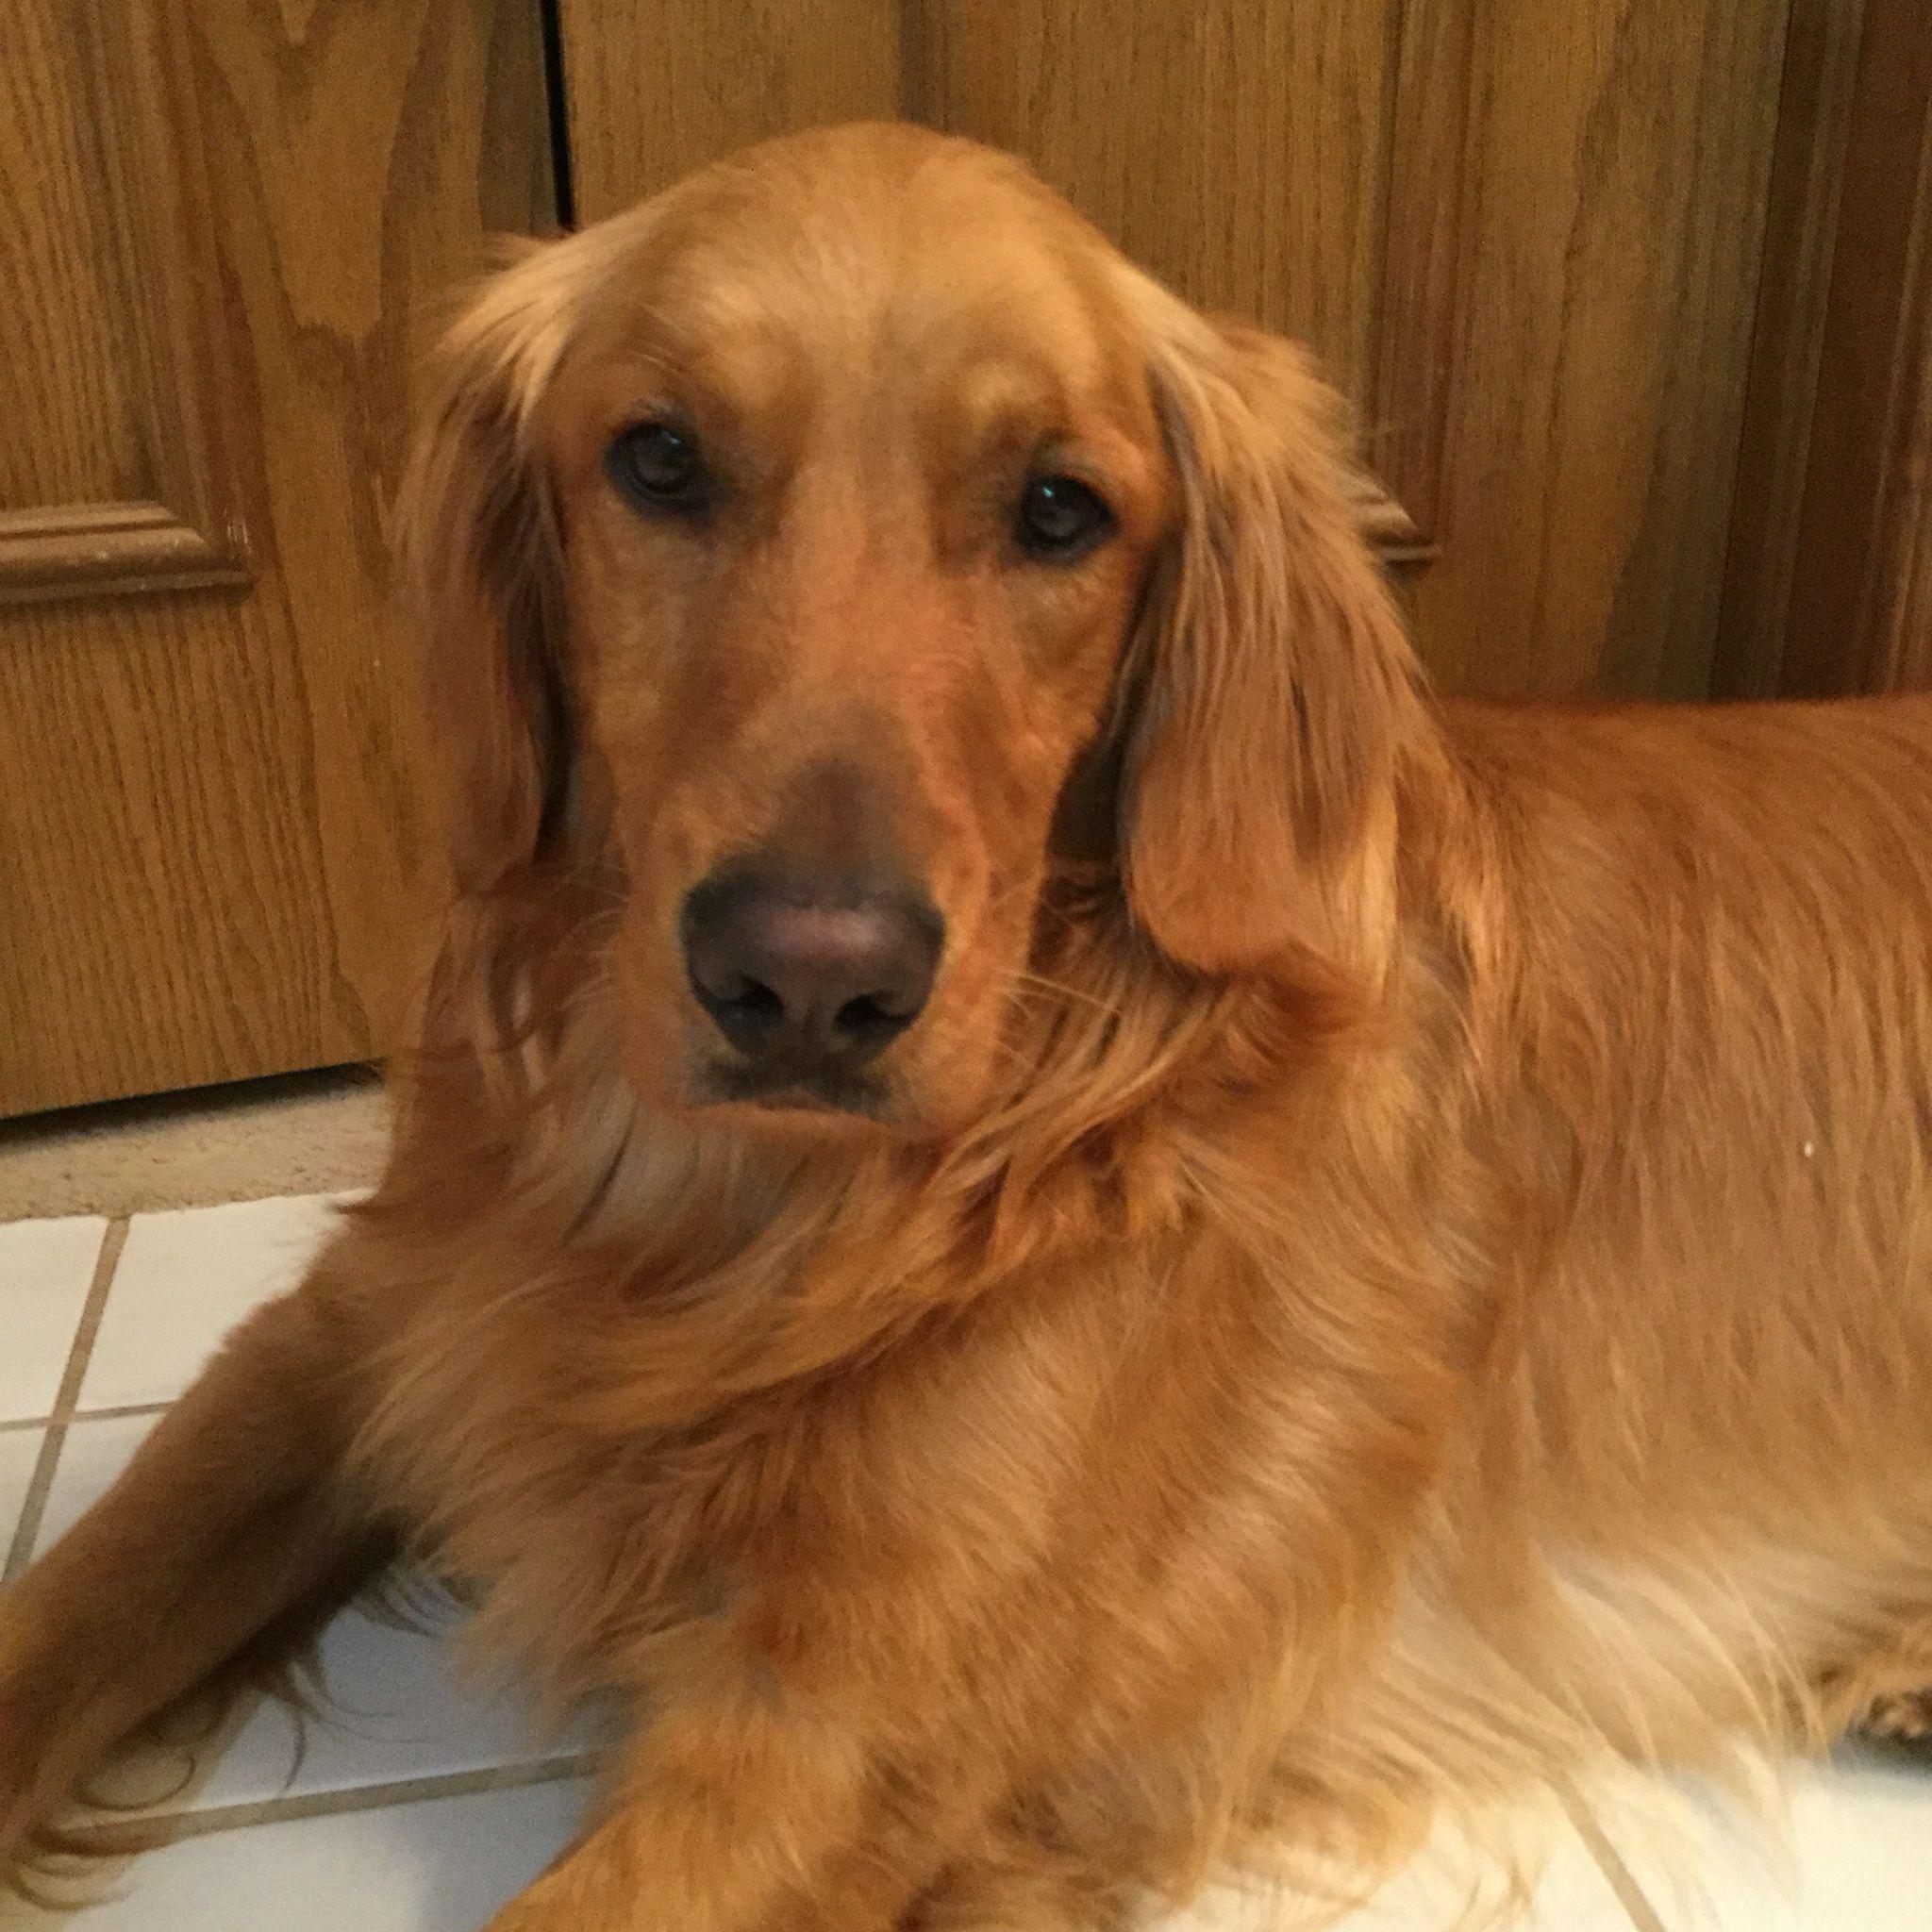 Best Breed A Golden Retriever Golden Retriever Golden Dog Cute